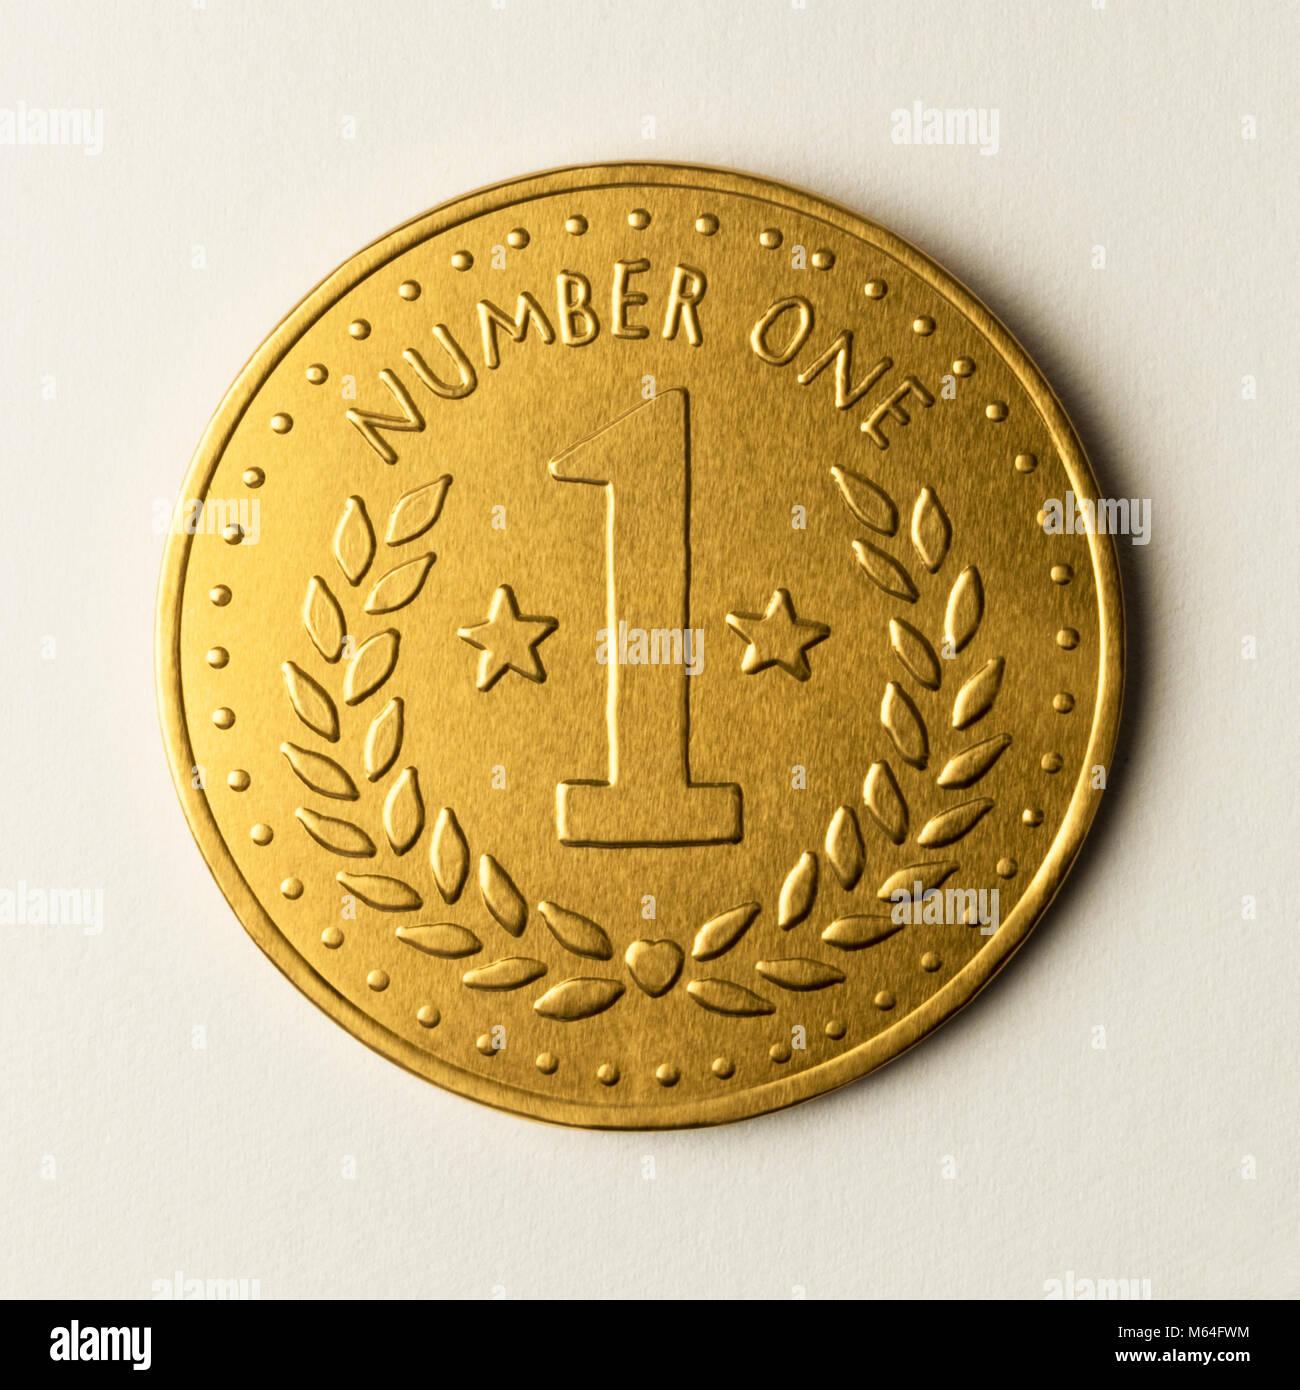 Nombre d'or une médaille, pièce de monnaie métallique, pour un chocolat de première classe, Photo Stock